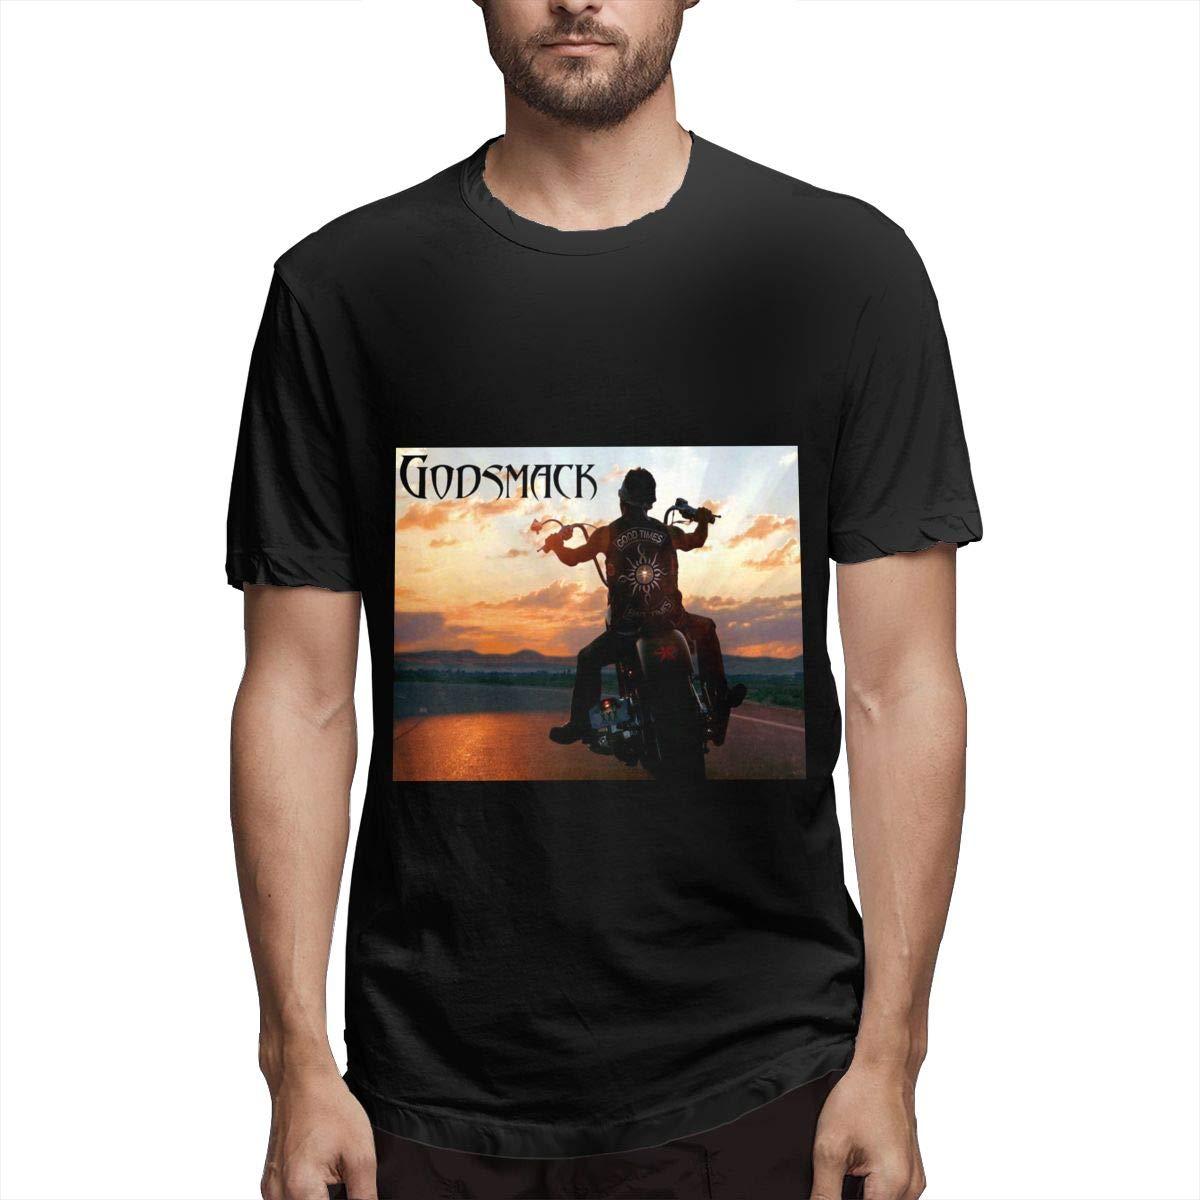 Lihehen Godsmack Simple Casual Round Neck Tees Shirts